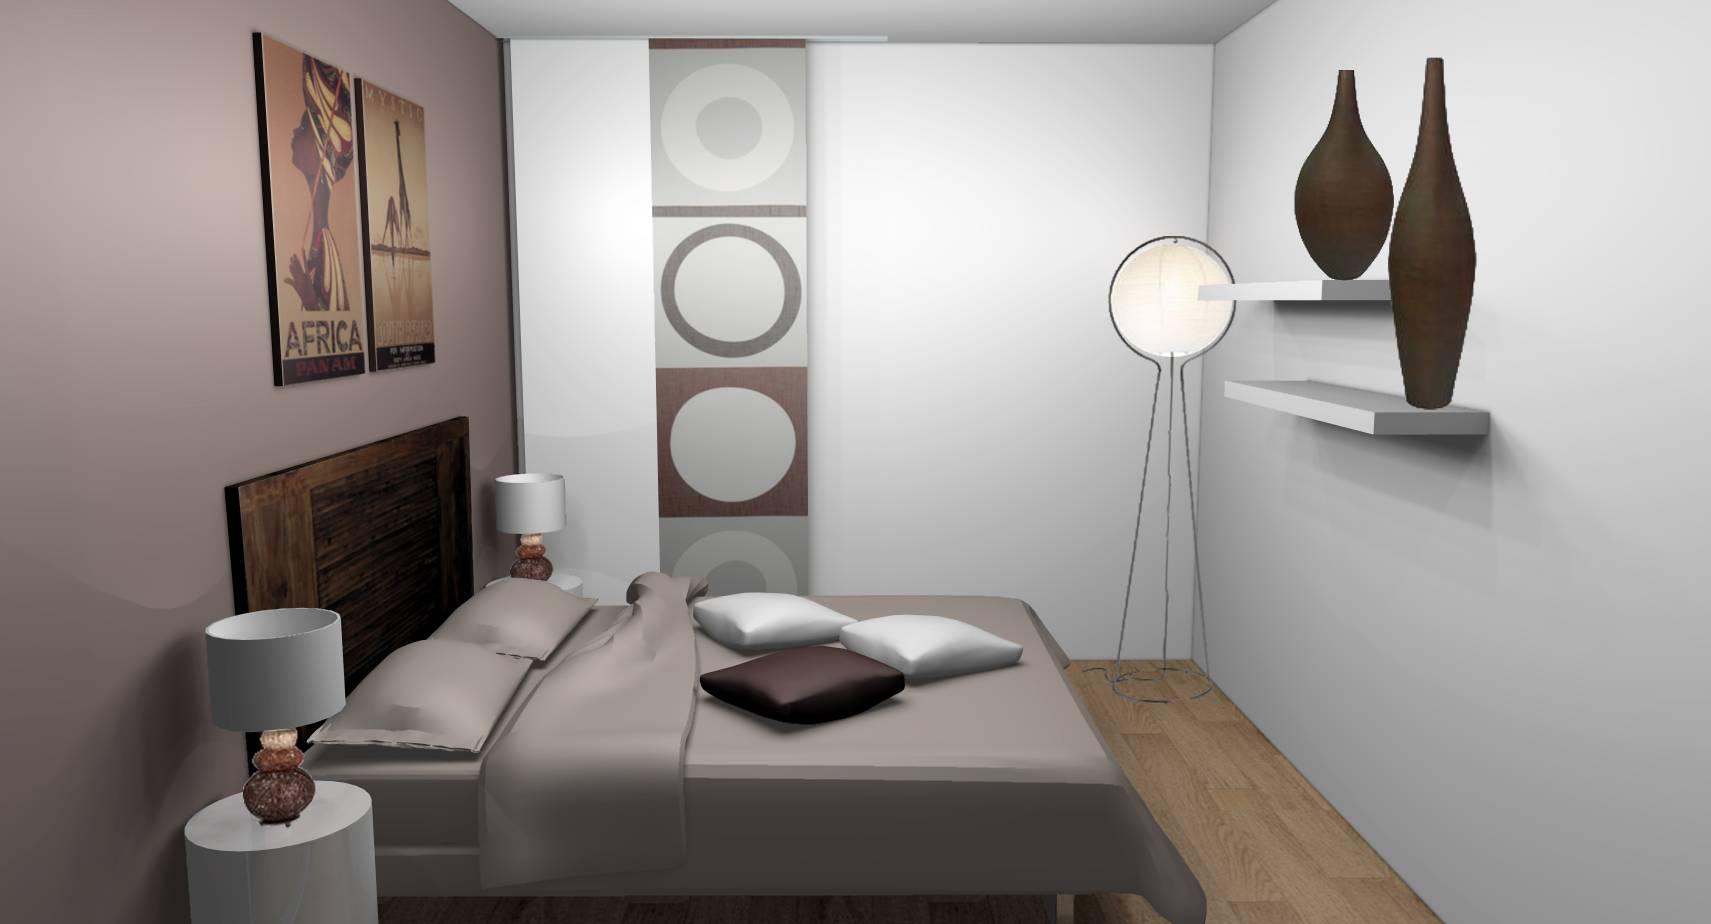 Dcoration dintrieur dune chambre  DamarielesLys 77  Designement Vtre